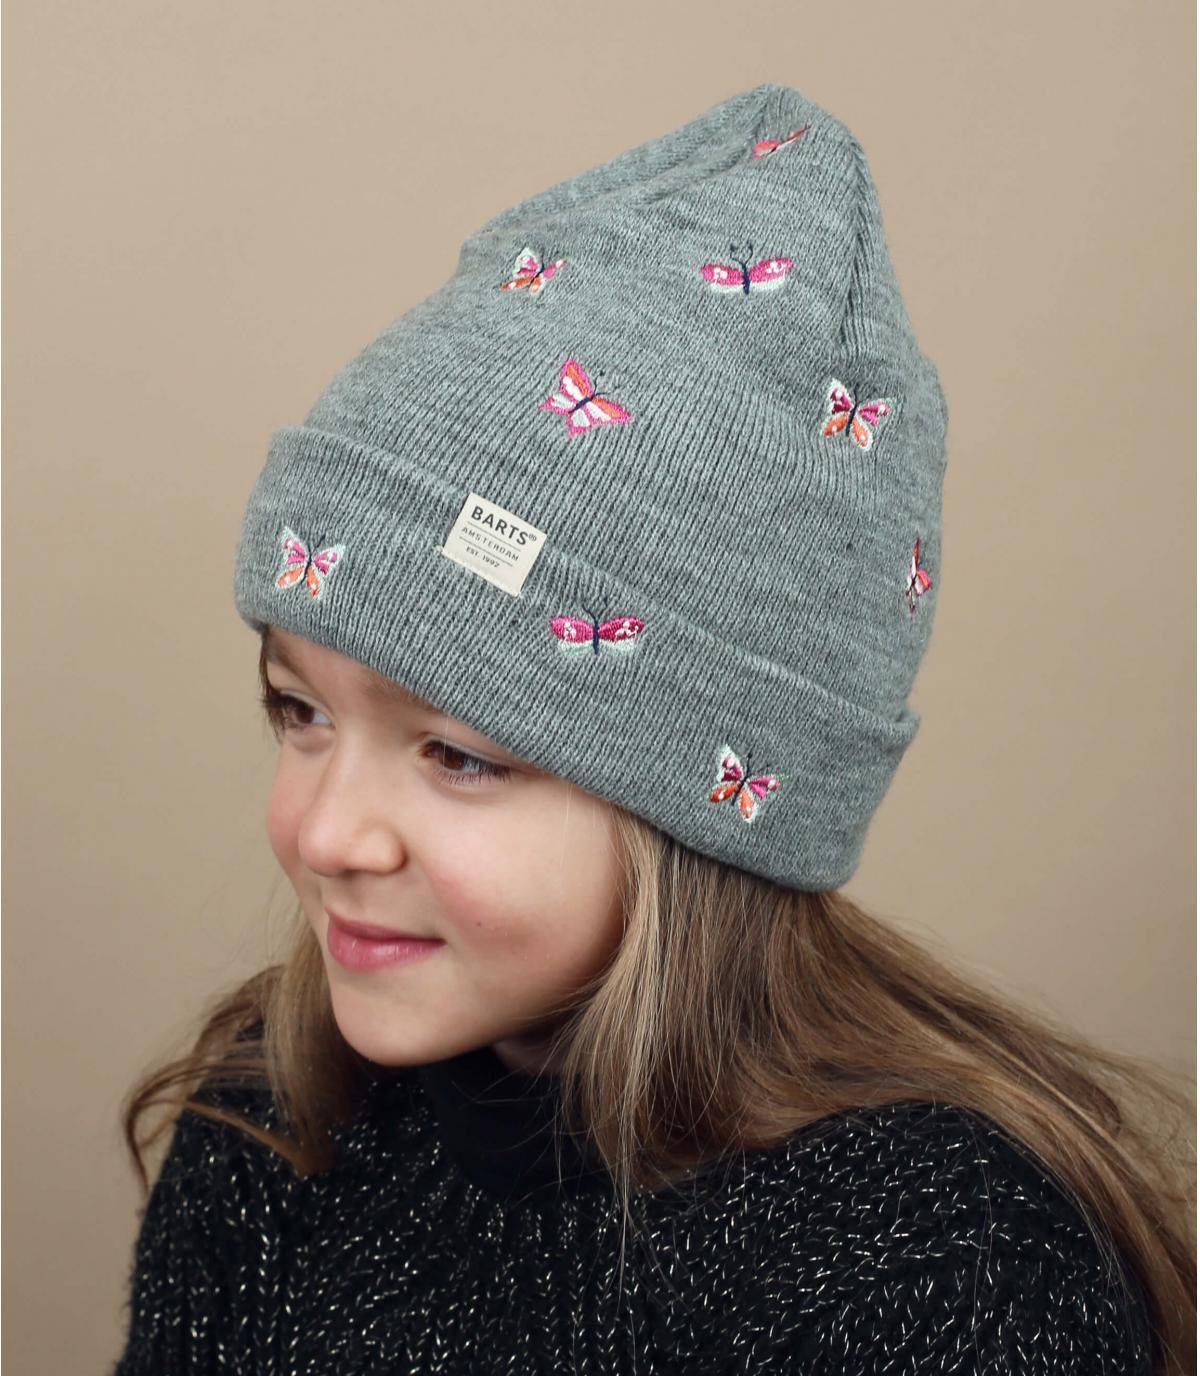 cappello per bambini farfalle grigie